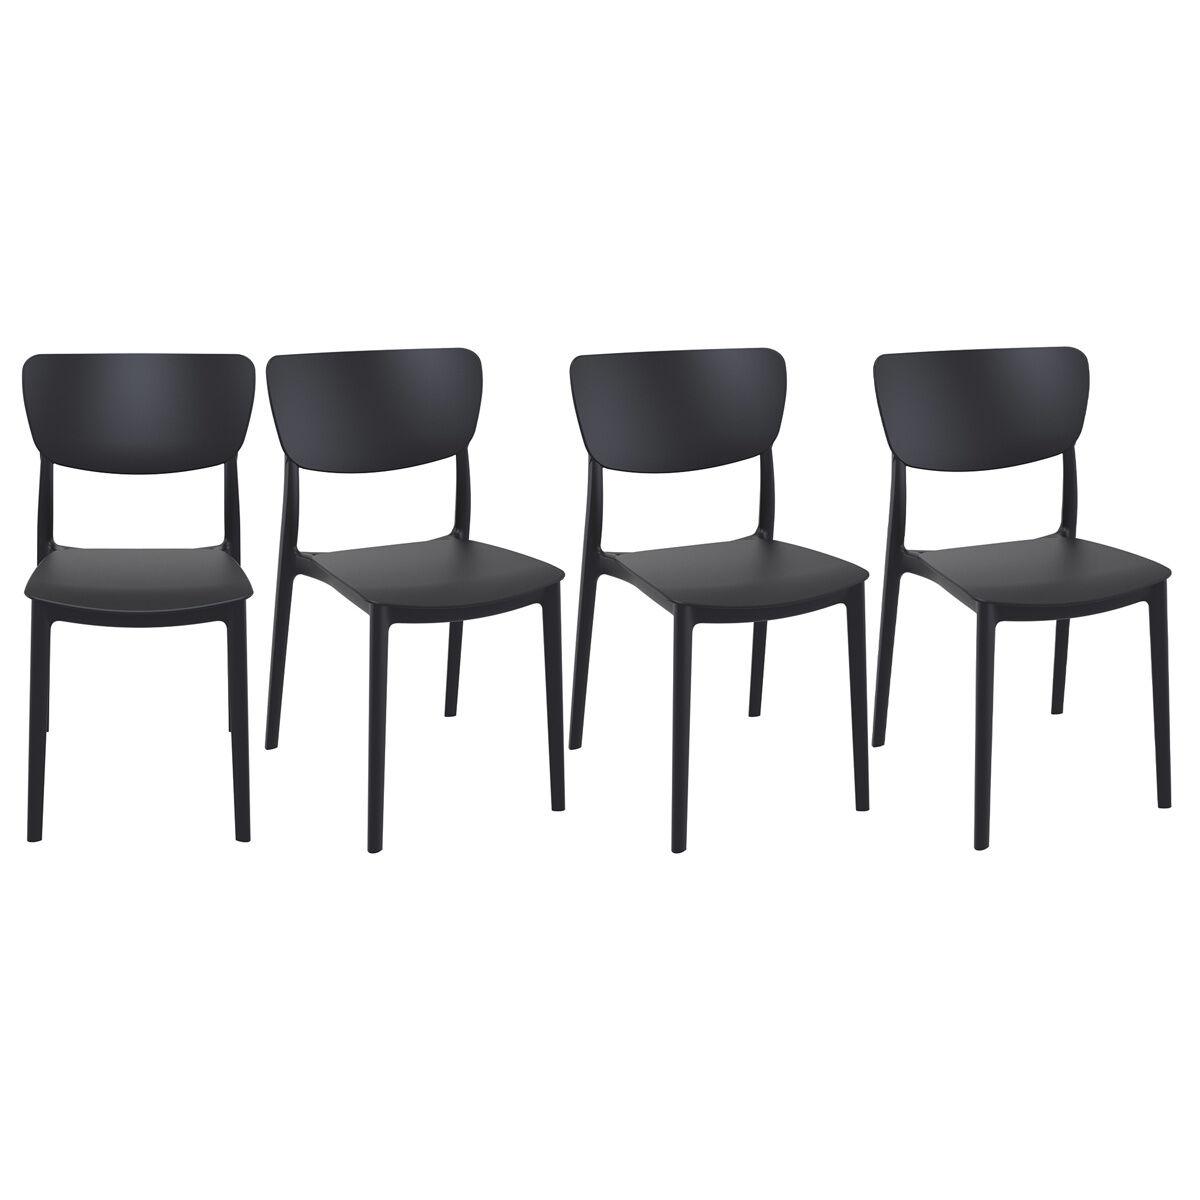 Miliboo Chaises empilables noires intérieur / extérieur (lot de 4) COBB